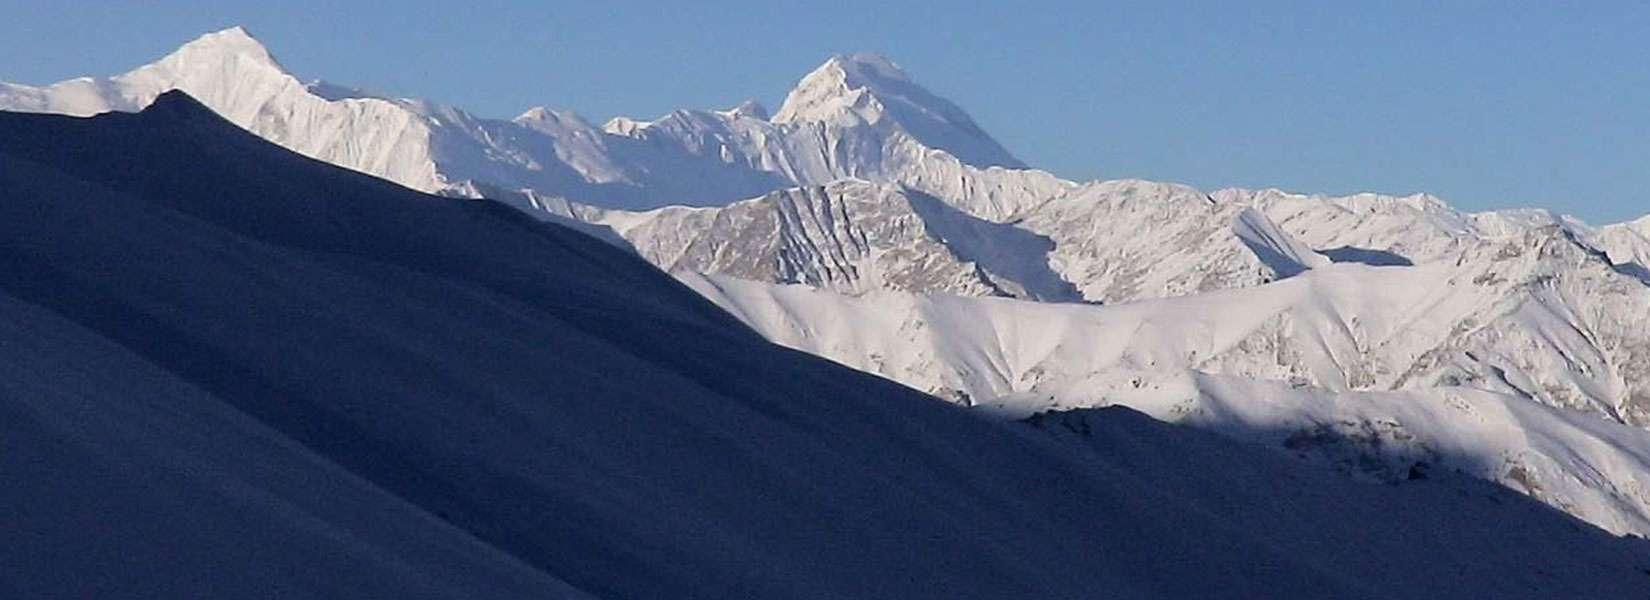 Dhaulagiri Region Trek